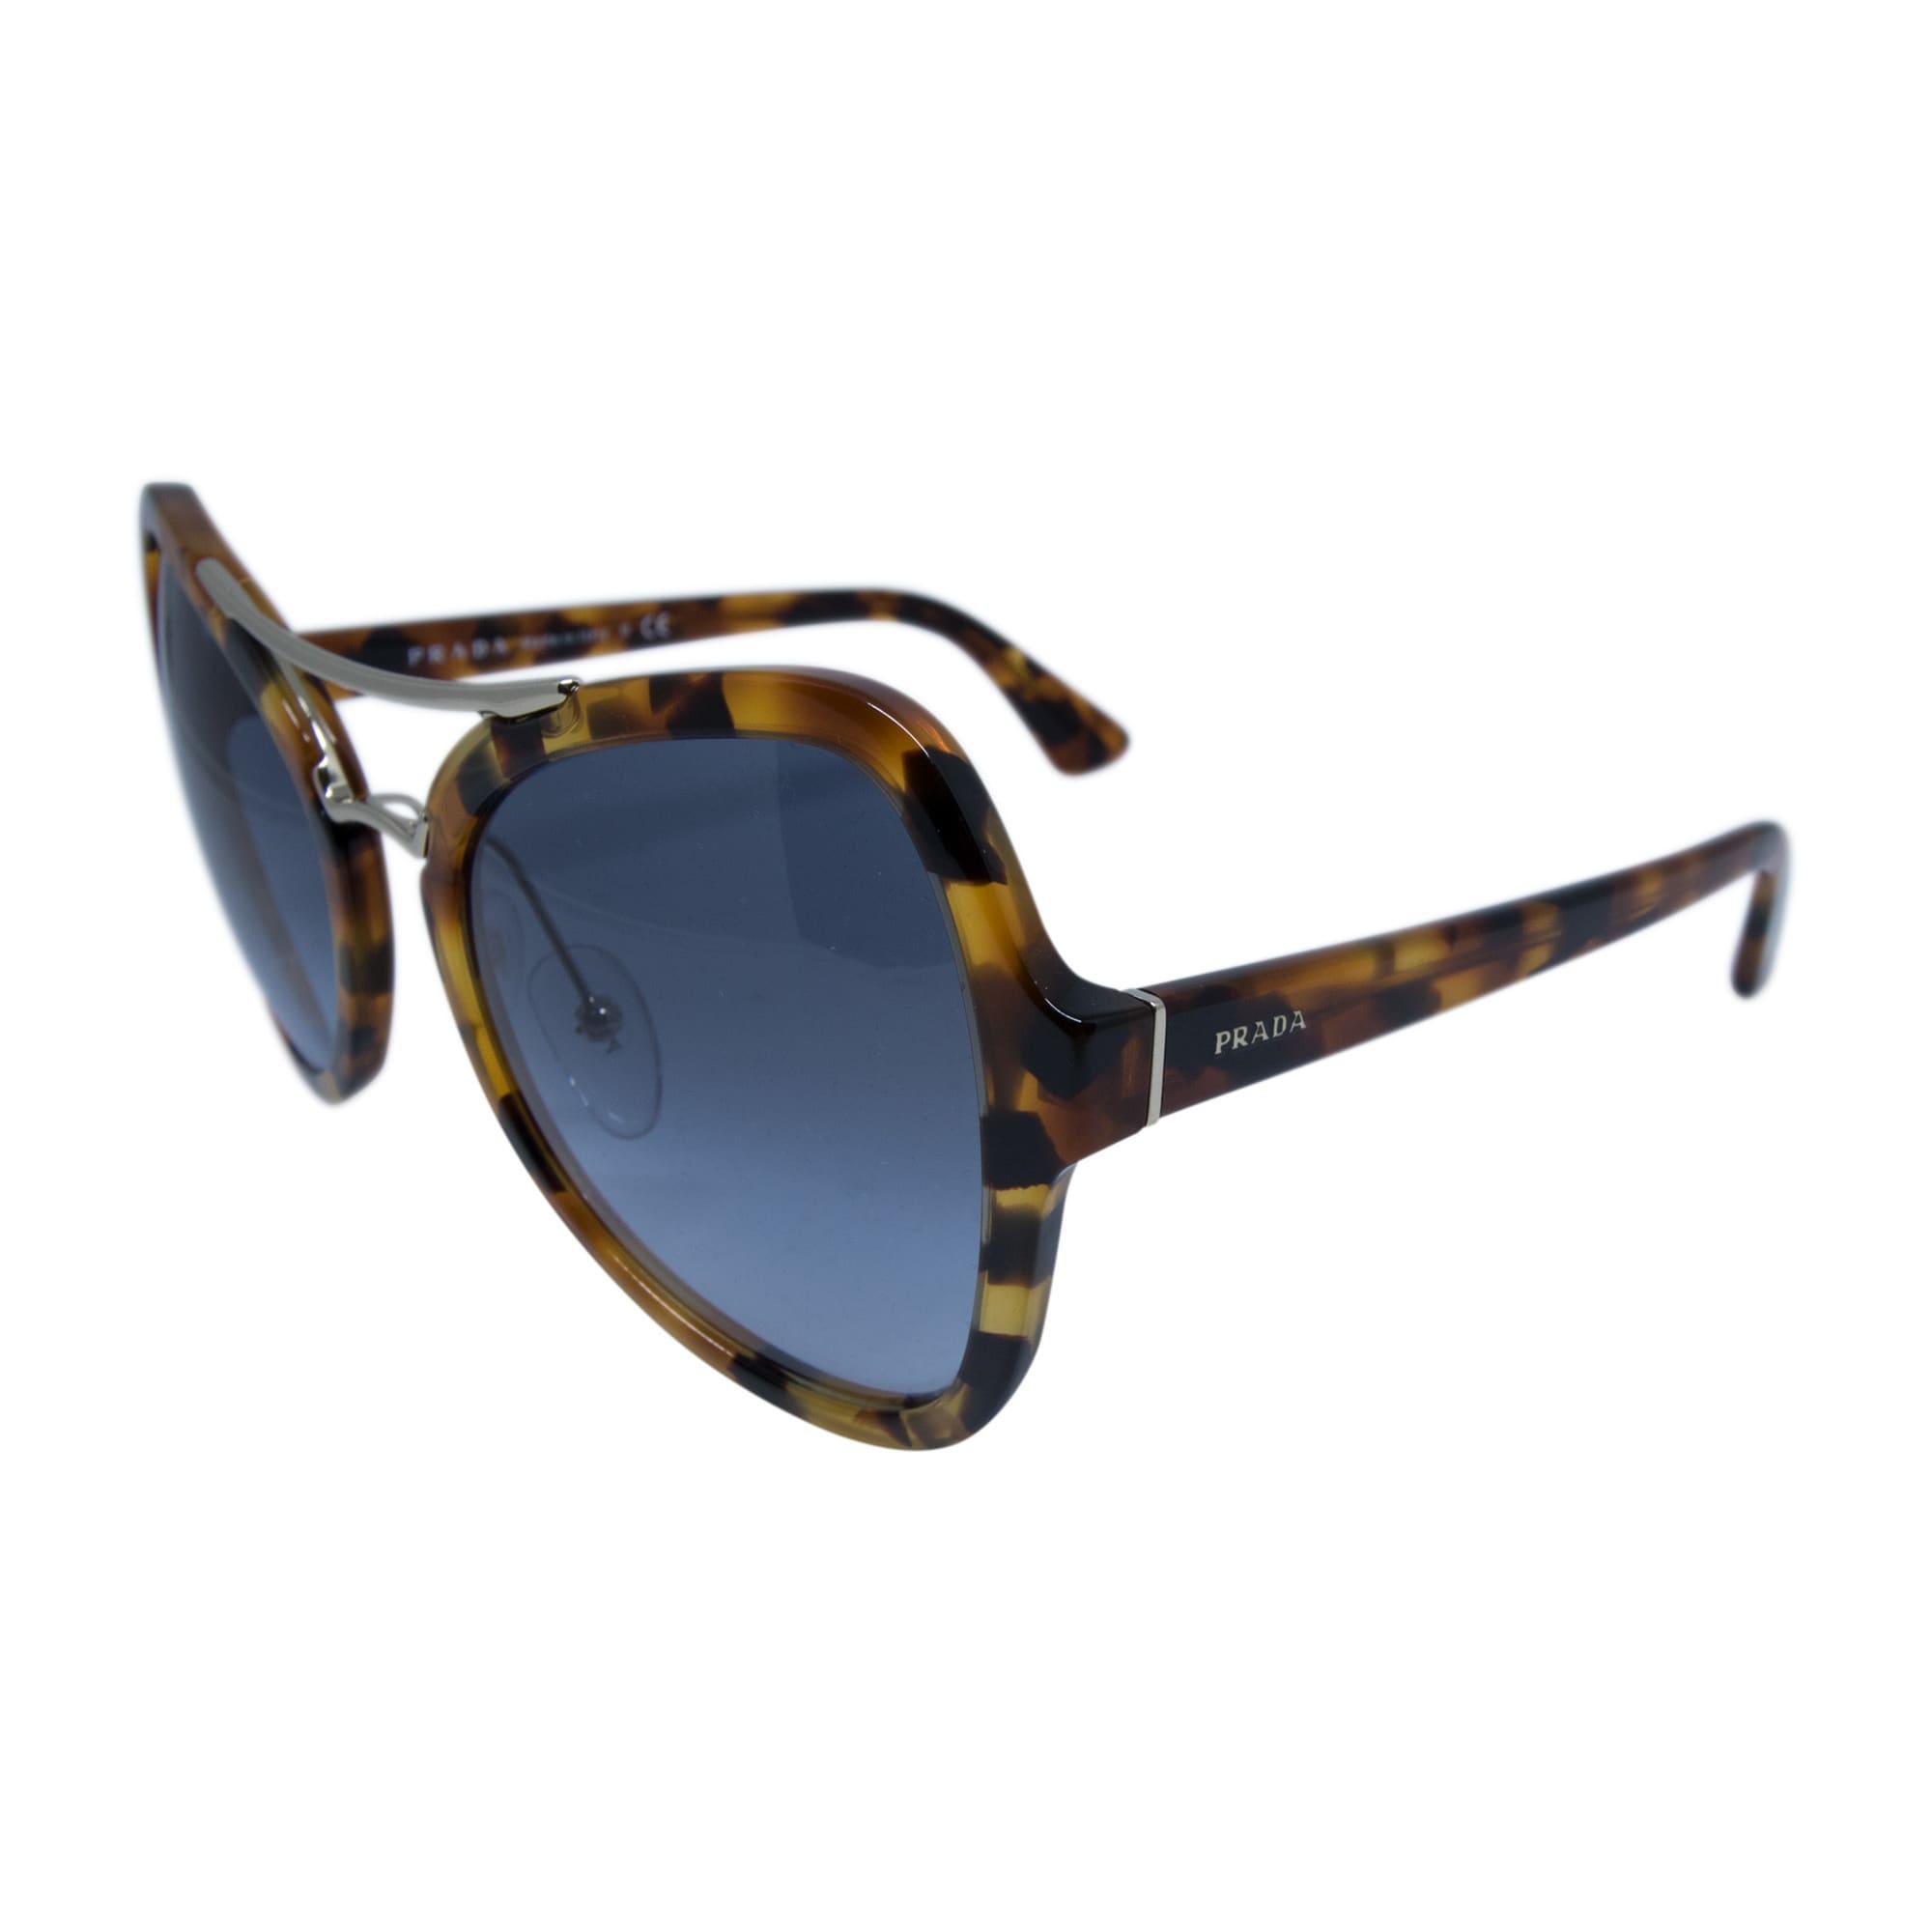 bb5e6945724d ... new arrivals shop prada spr 18s uf3 4r2 womens spotted havana blue  frame blue lens sunglasses